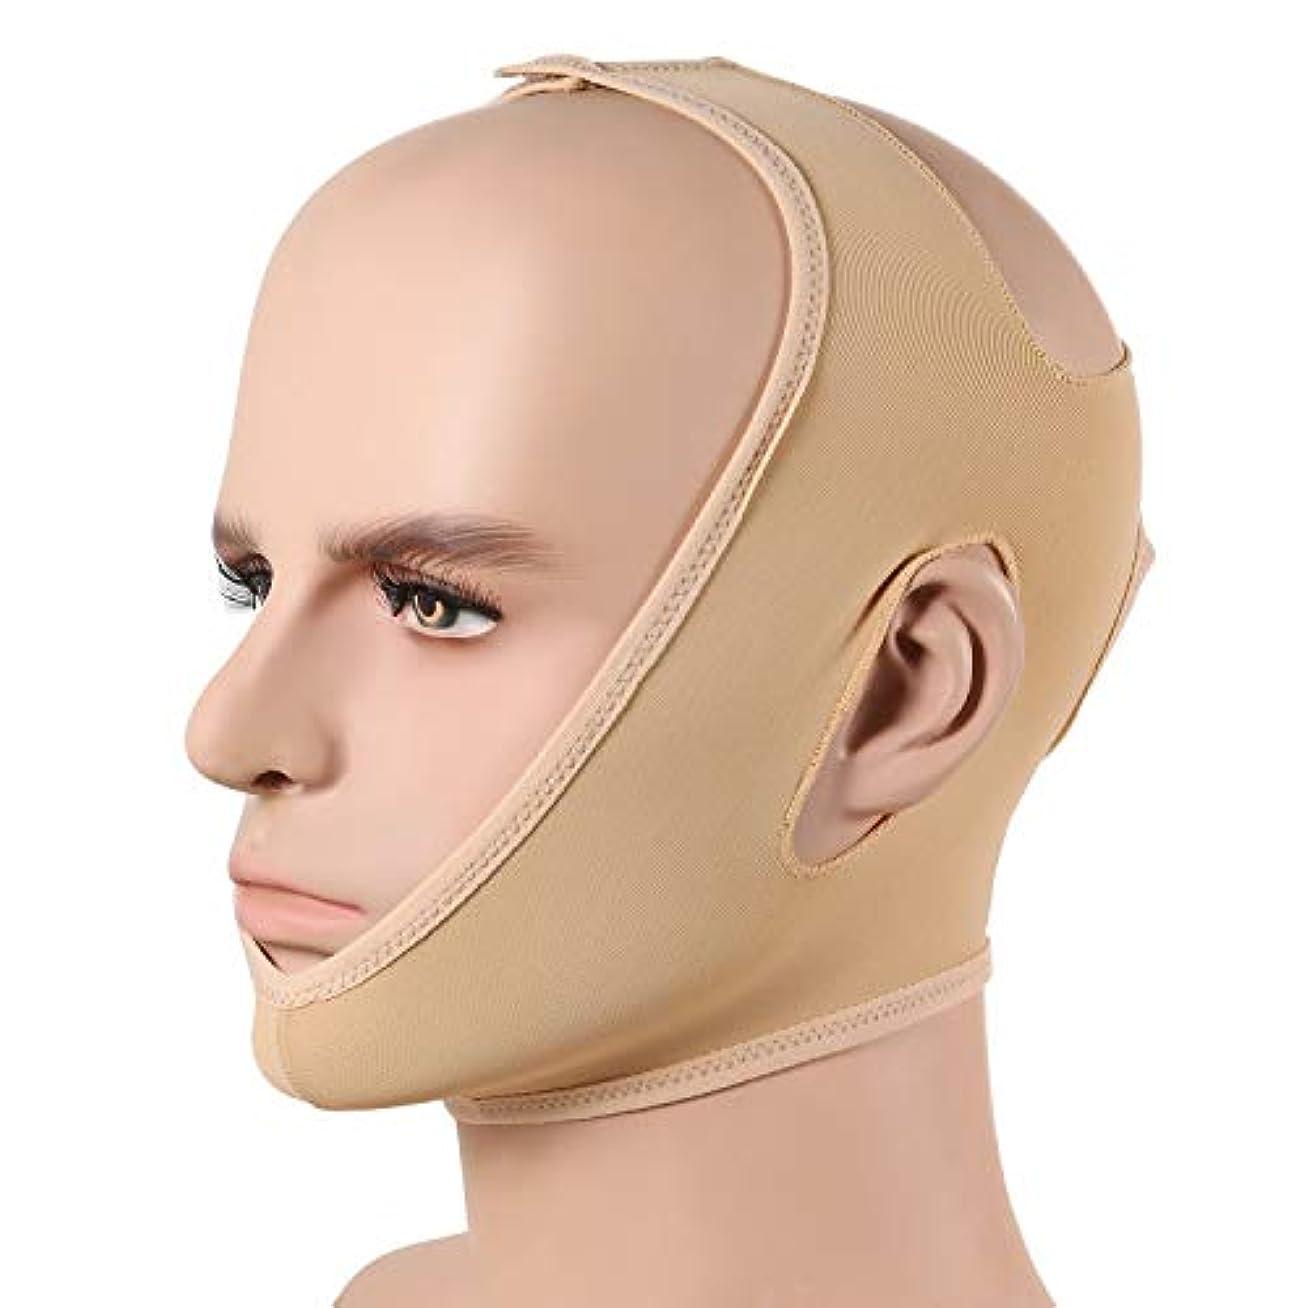 大統領静的見落とすWSJTT スリミングベルト、顔の頬のV形状のリフティングフェイスは薄いマスクストラップフェイスラインは通気性の圧縮二重あごスムースリフトアップ包帯チンはアンチリンクルストラップ、Vフェイスラインスリムアップマスクを持ち...